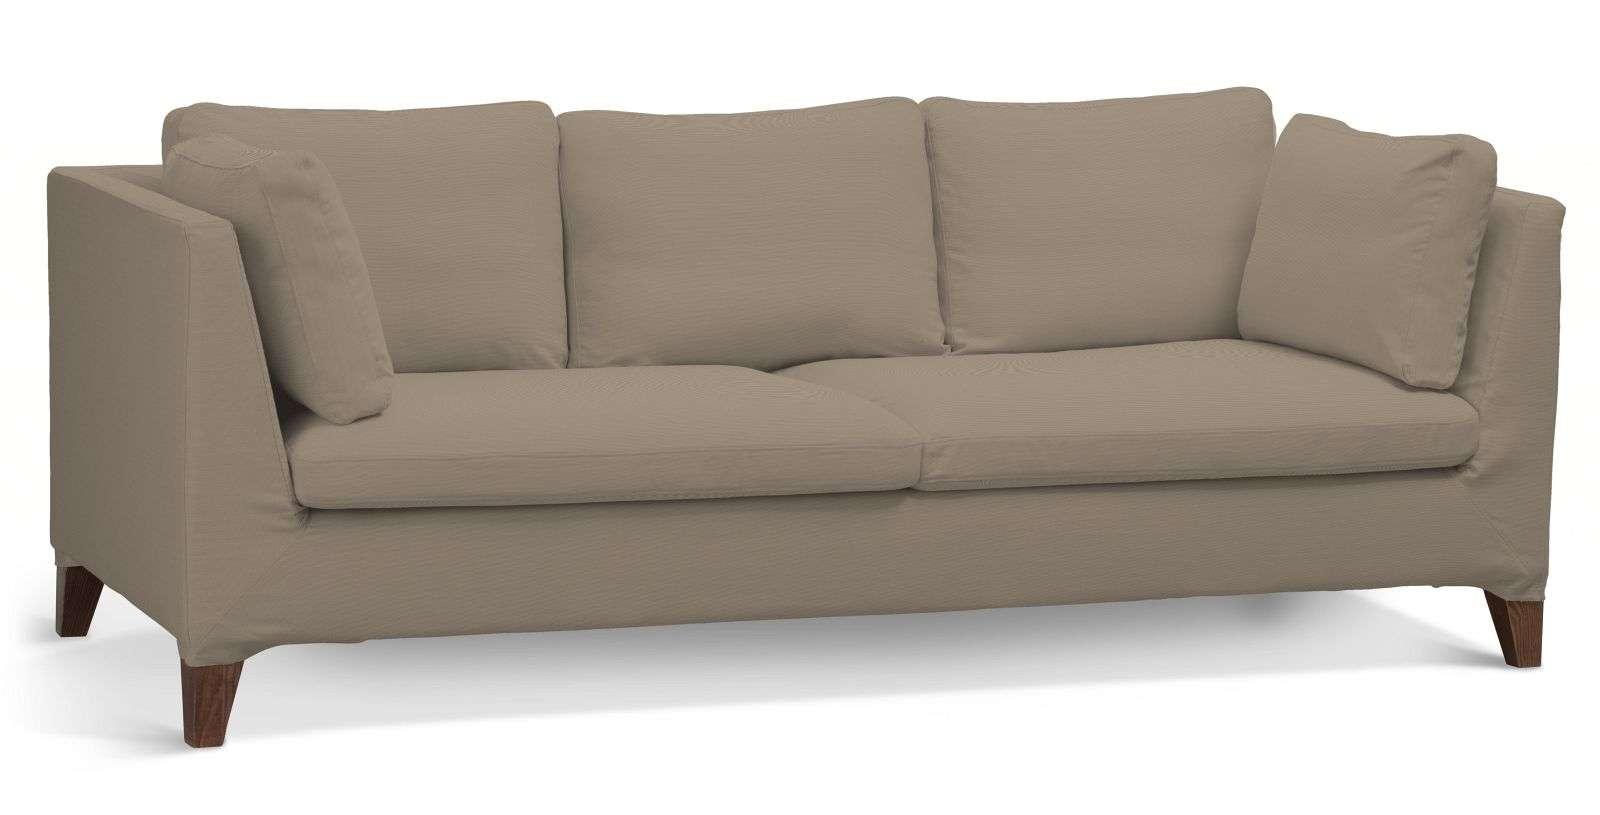 Pokrowiec na sofę Stockholm 3-osobową sofa Stockholm 3-osobowa w kolekcji Cotton Panama, tkanina: 702-28